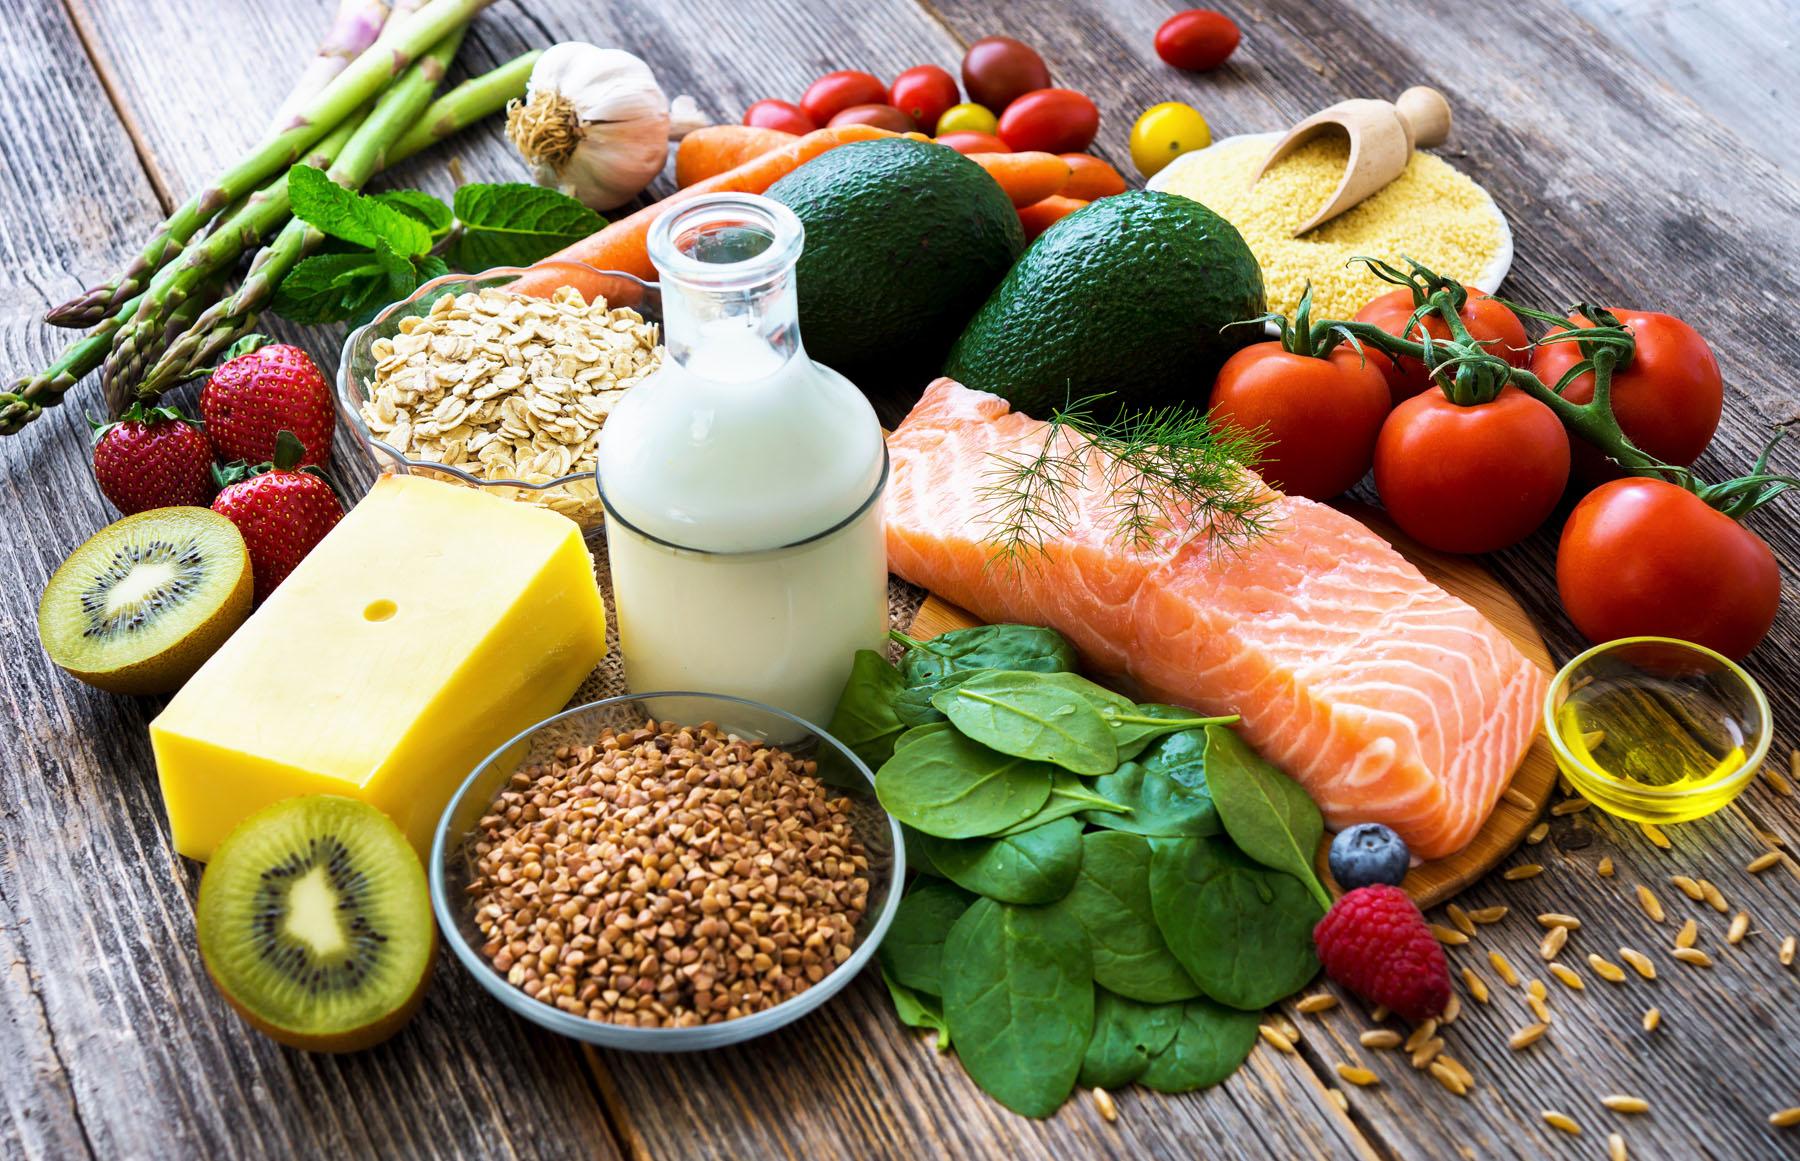 Verschiedene gesunde Lebensmittel auf einem Holztisch.